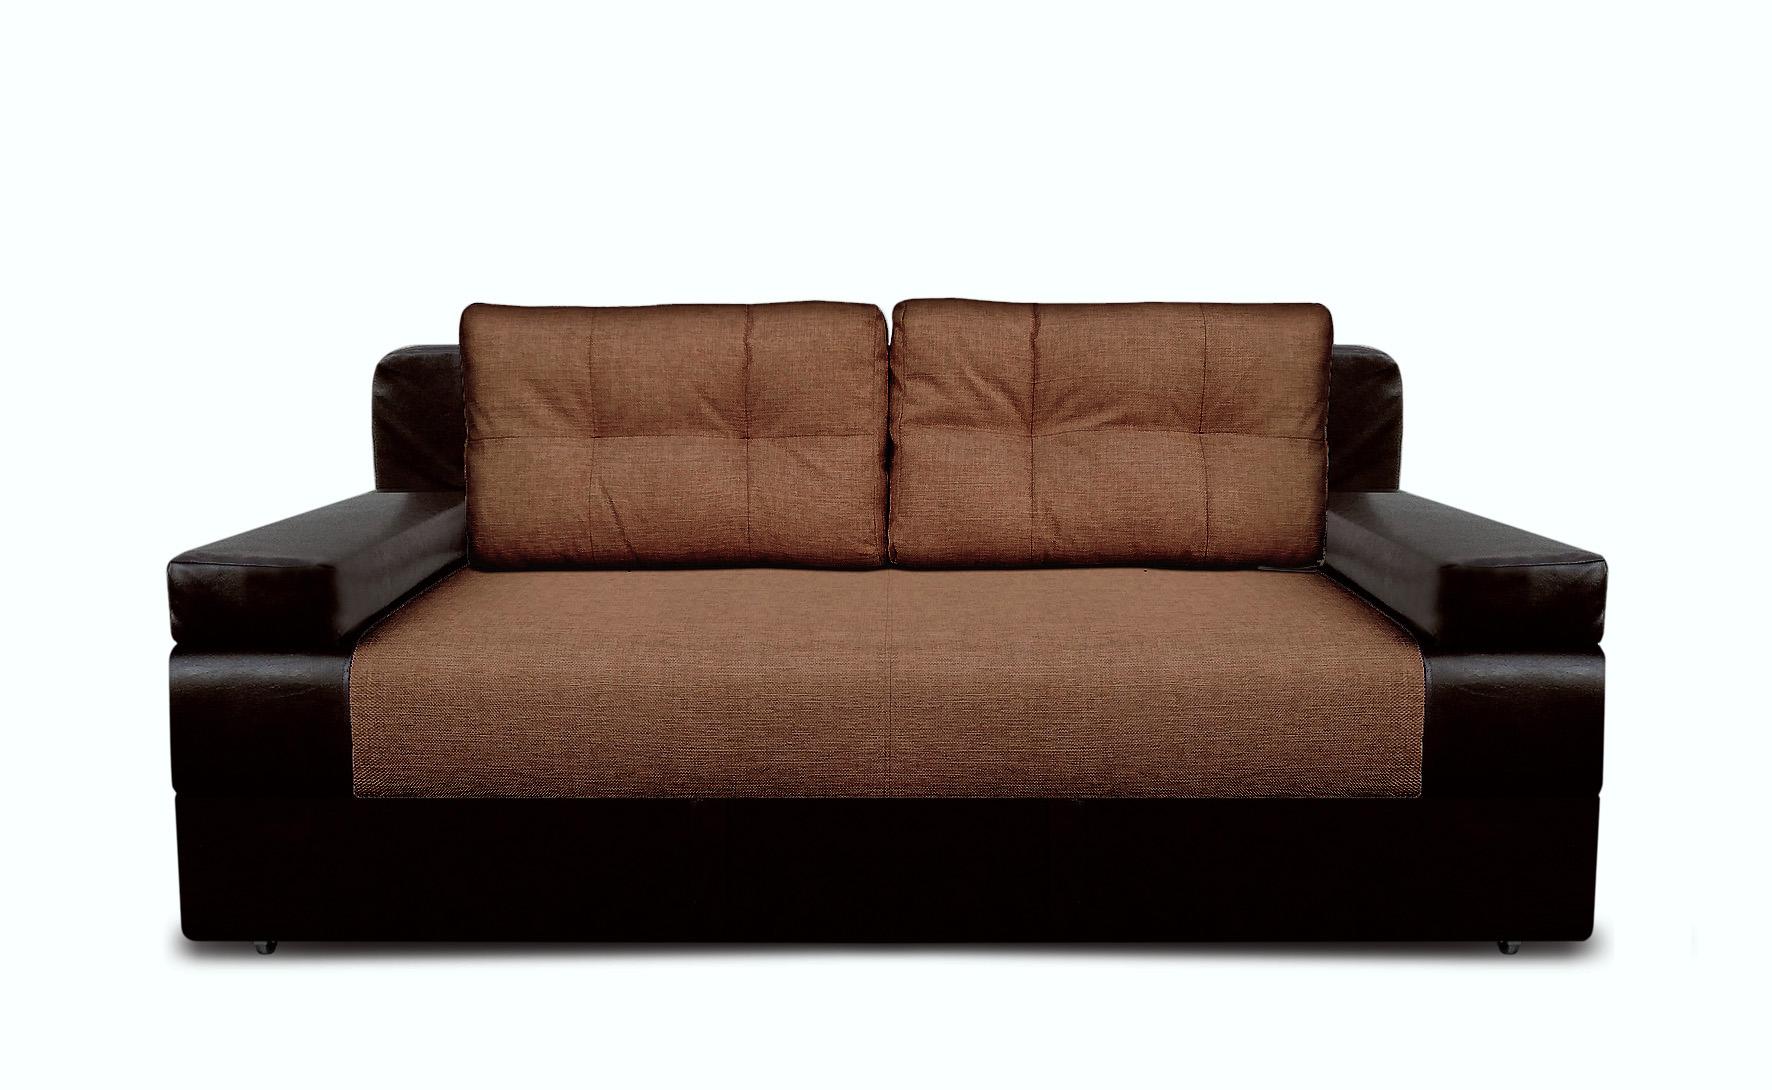 Черно-коричневый диван с обивкой из ткани и кожи